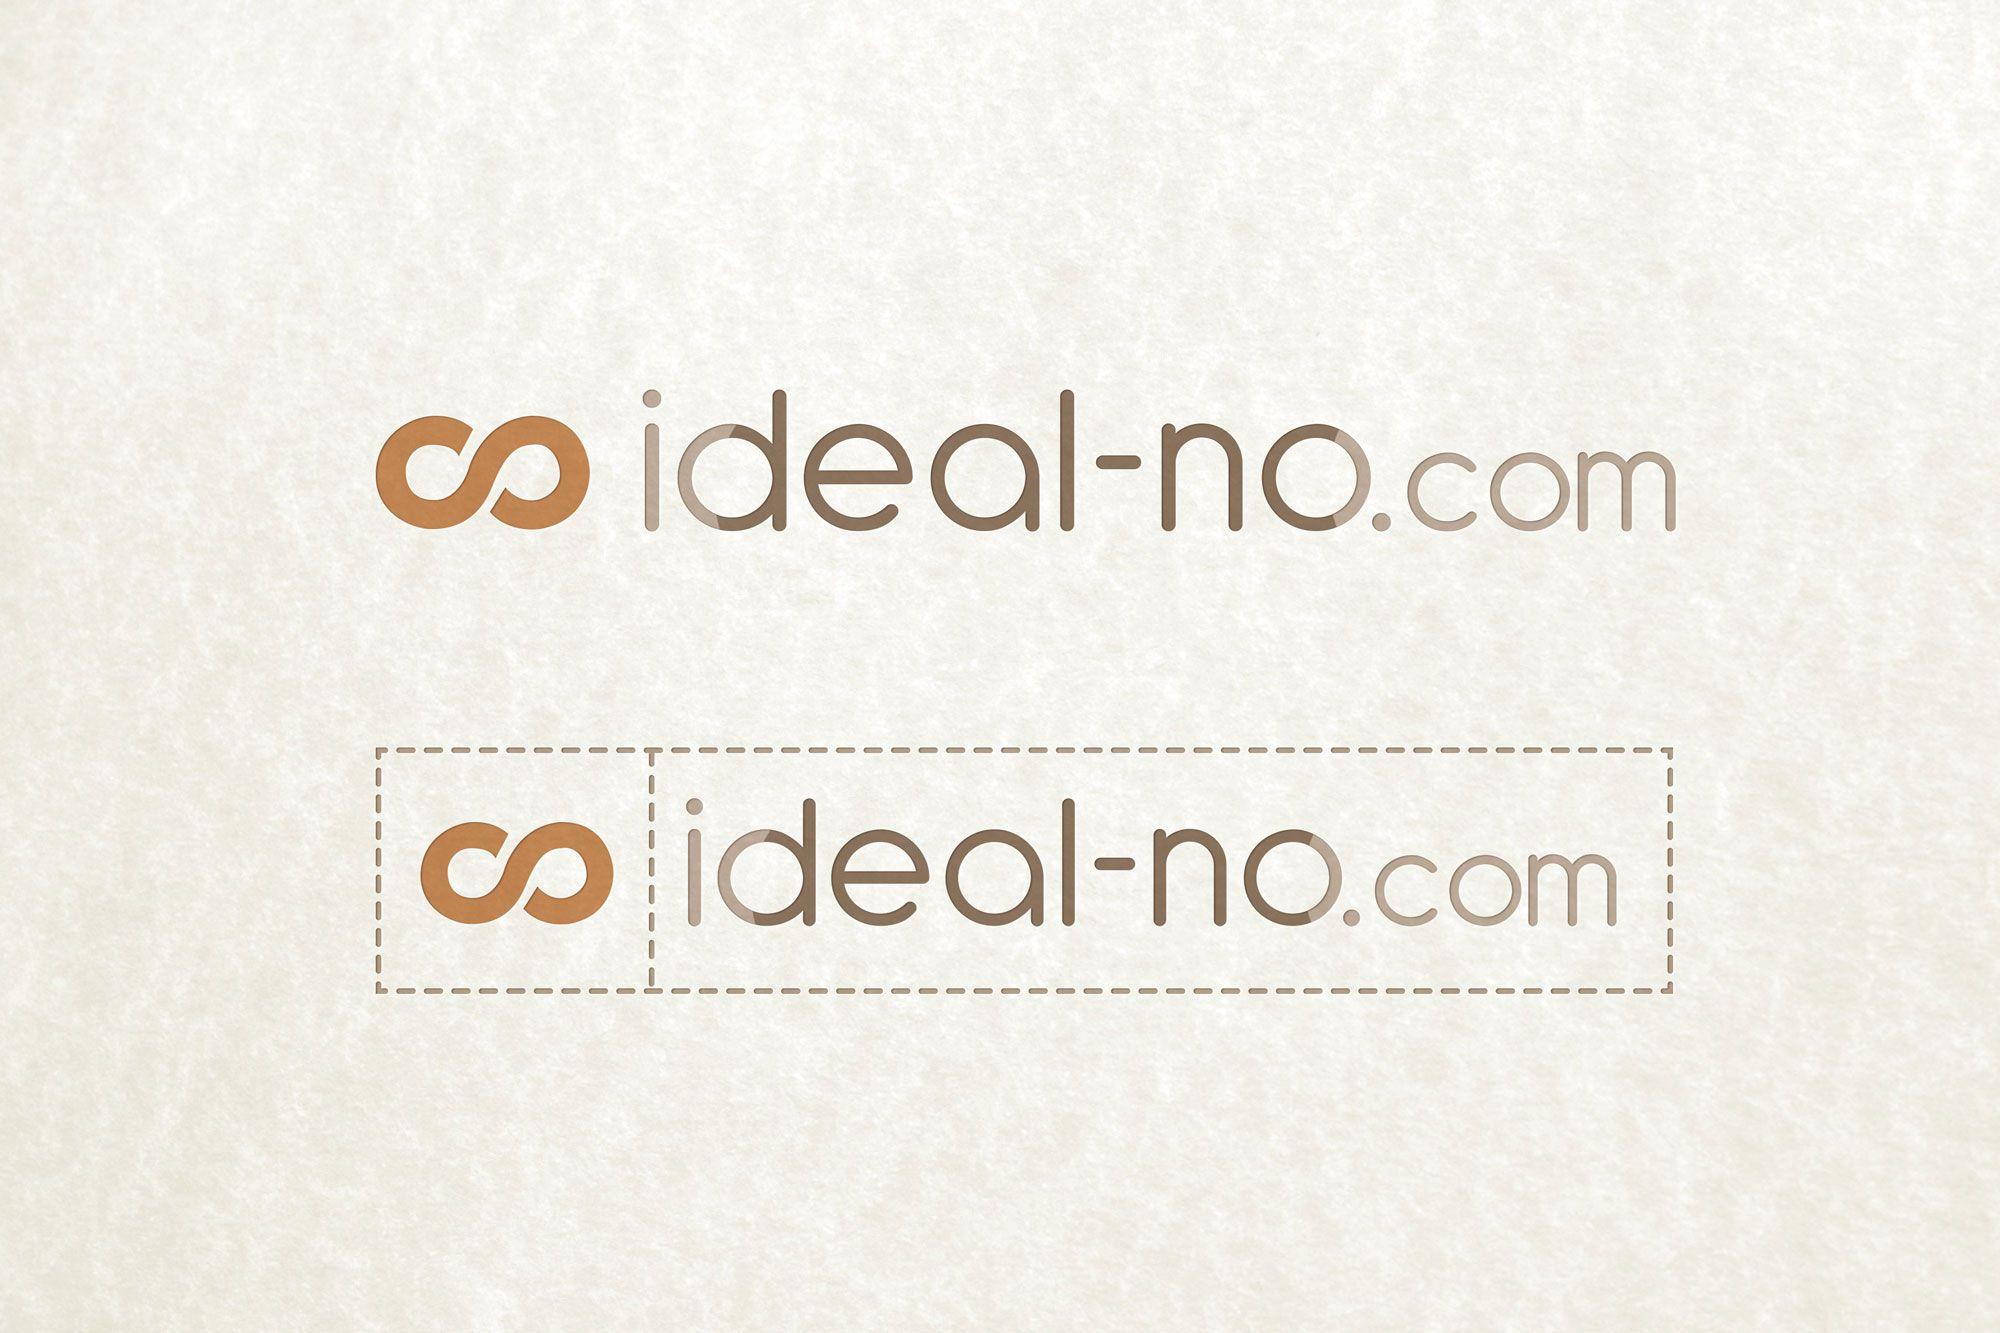 Логотип ideal-no.com - дизайнер ekaterina_m